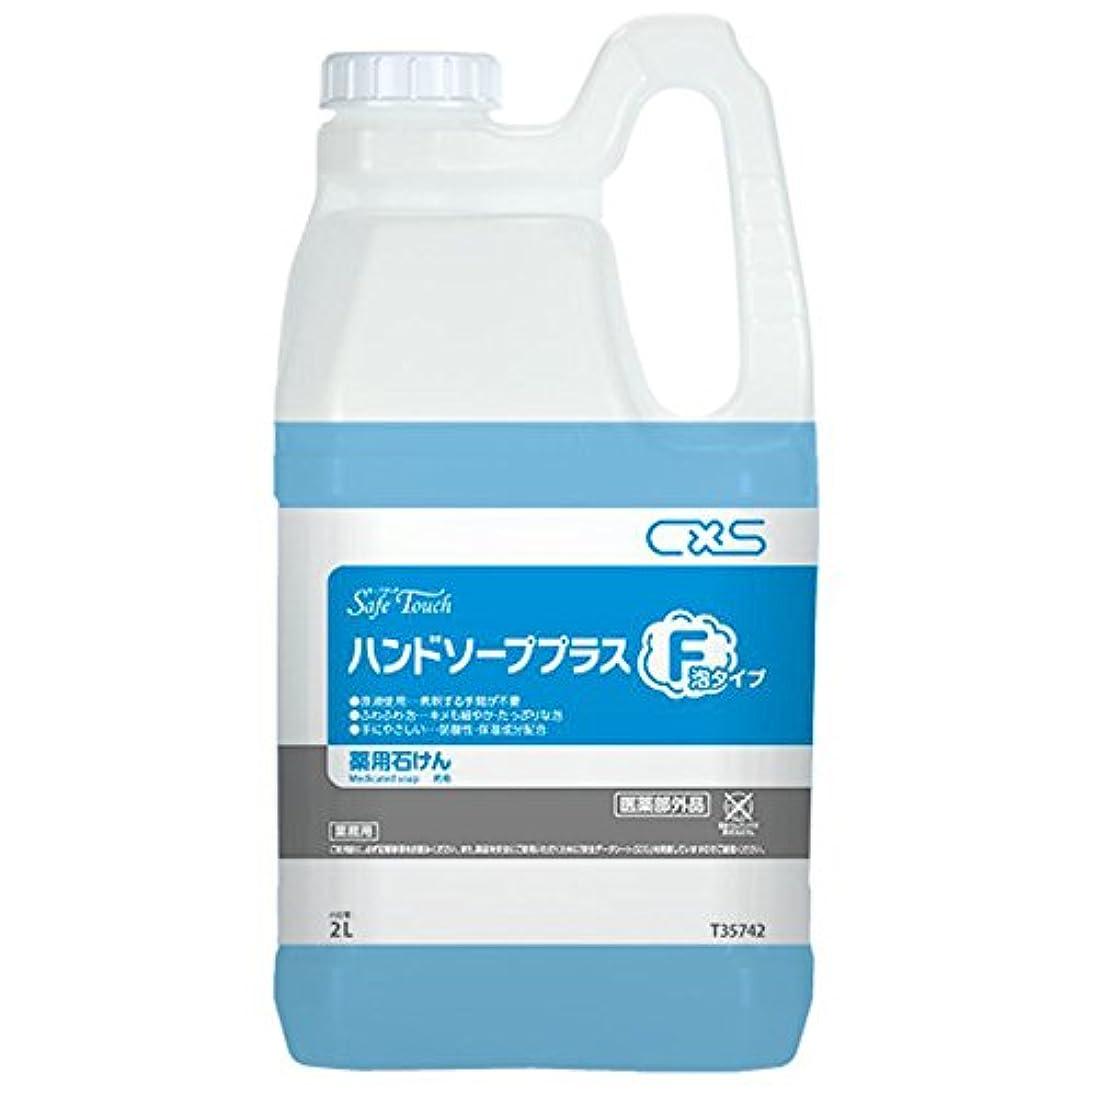 ゆり歯宗教シーバイエス(C×S) 殺菌?消毒用手洗い石けん セーフタッチハンドソーププラスF 2L